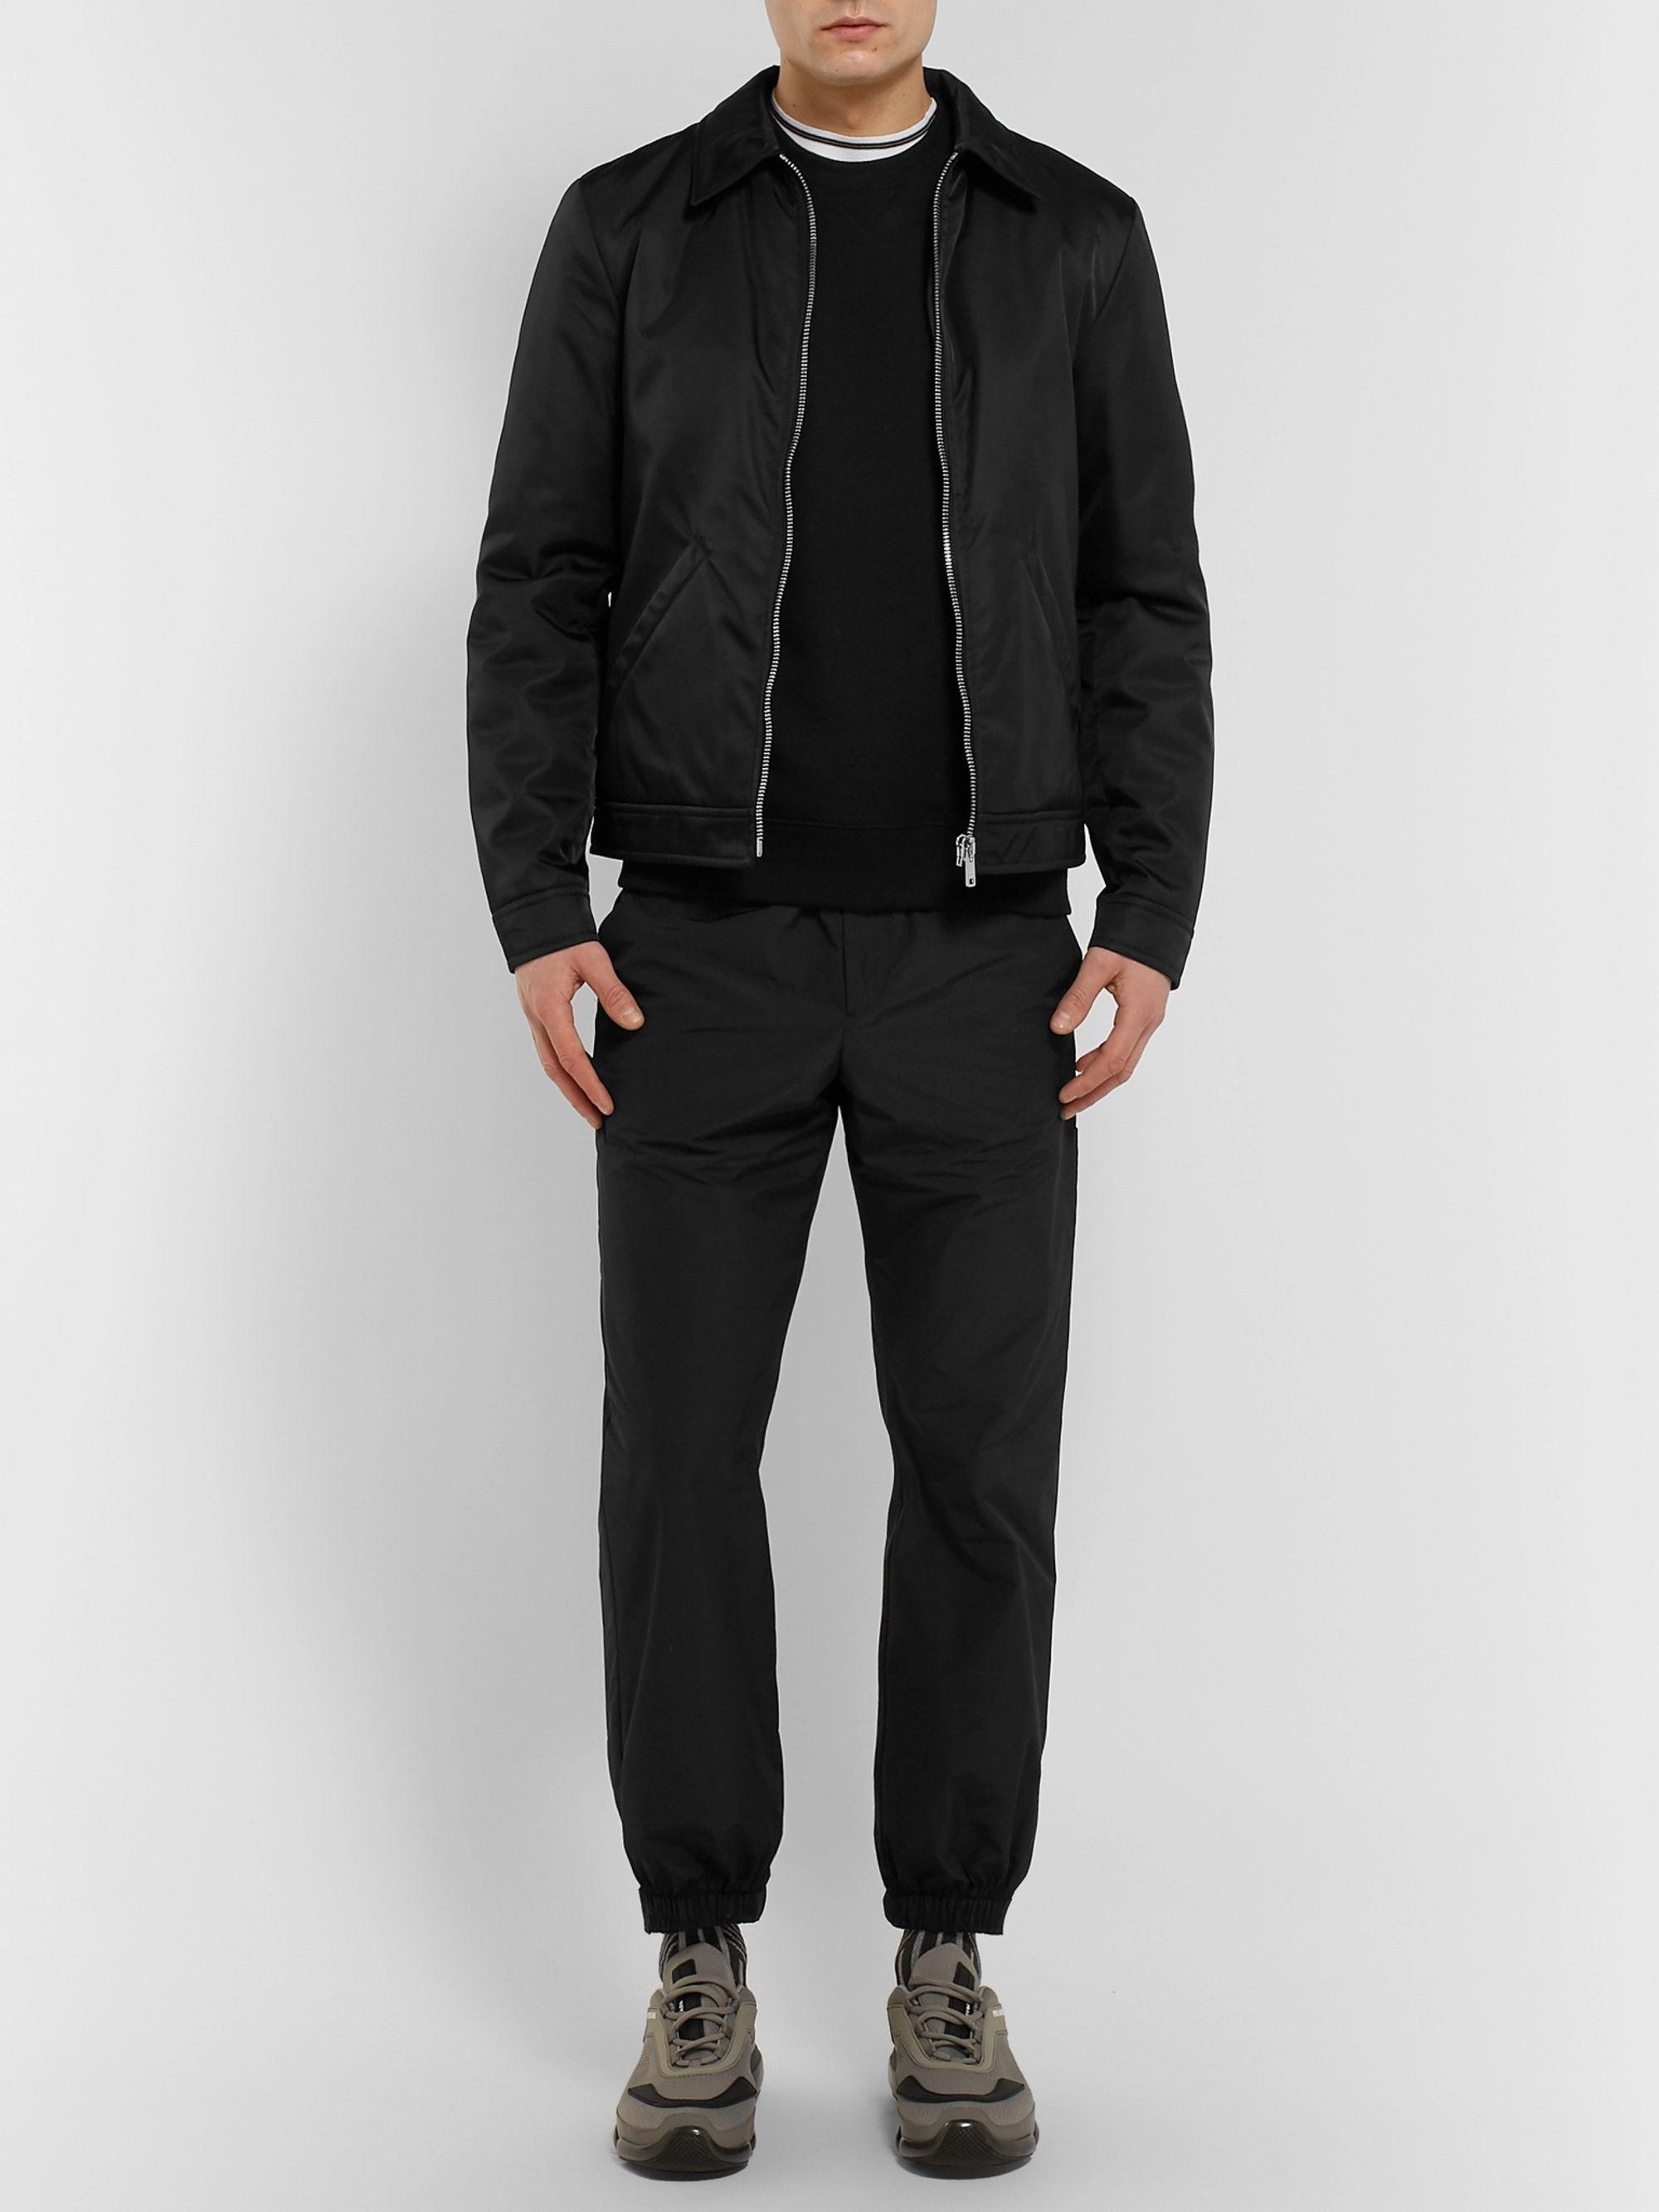 Nylon Shirt Jacket   Prada   MR PORTER